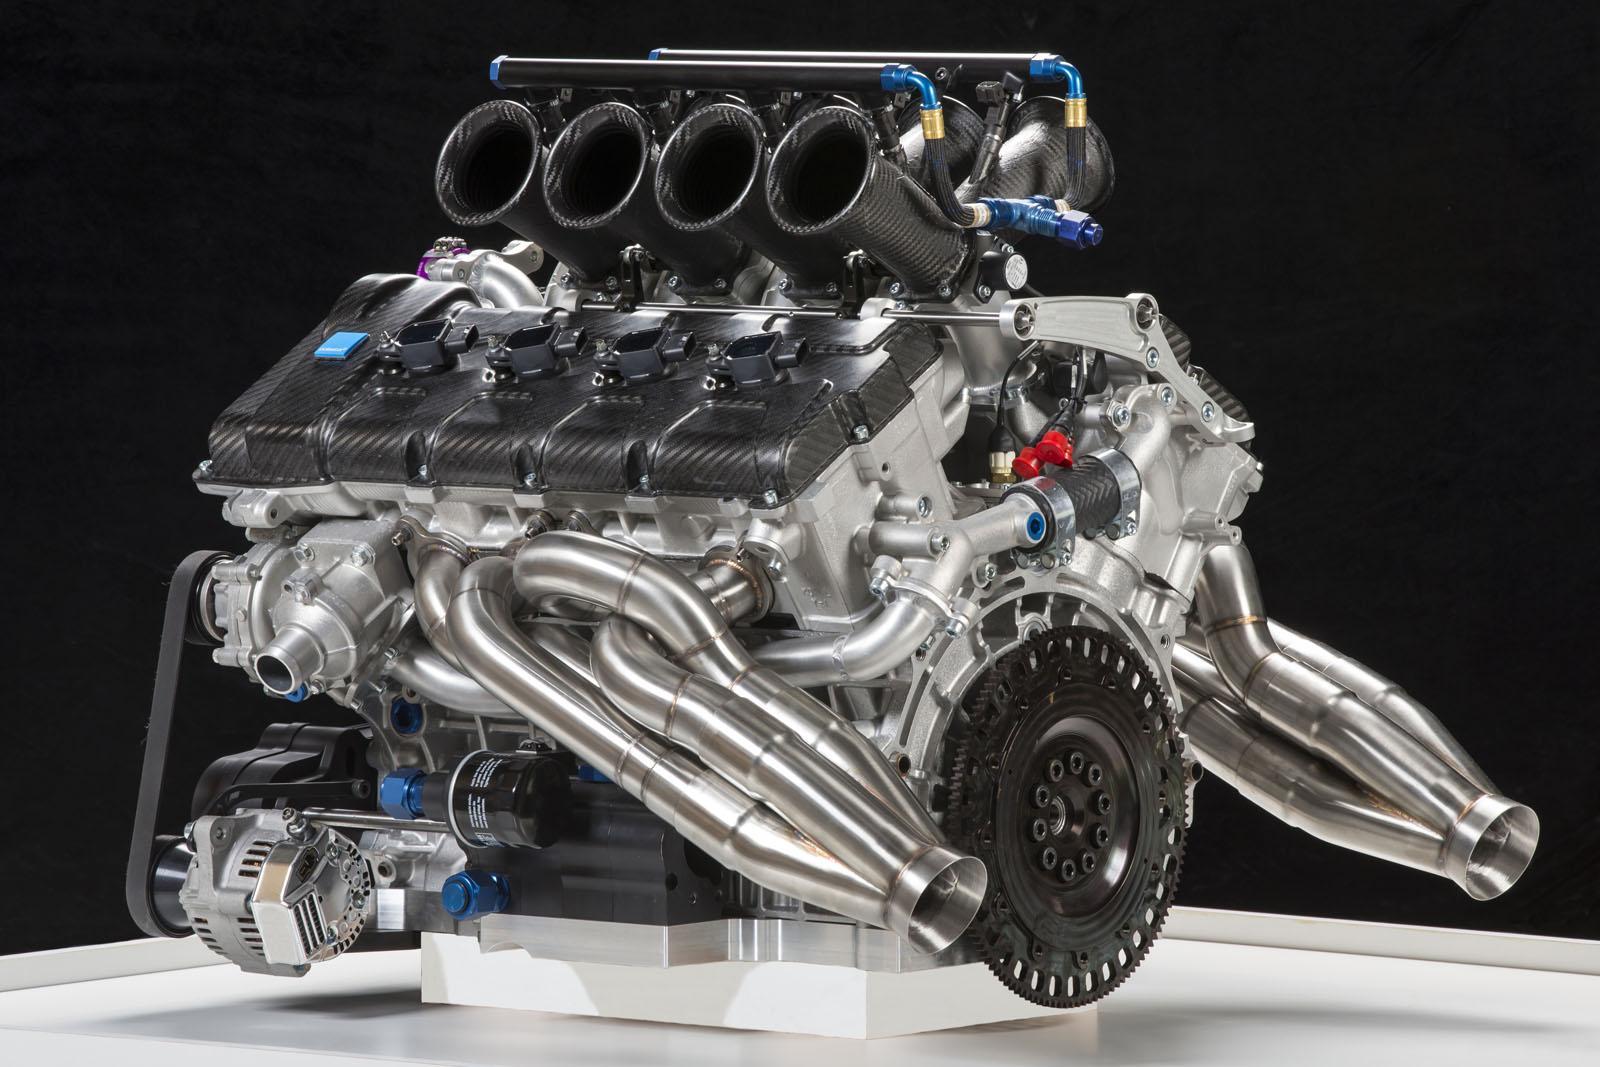 Volvo Shows 5.0-liter V8 Engine for Australian V8 Supercar Championship - autoevolution